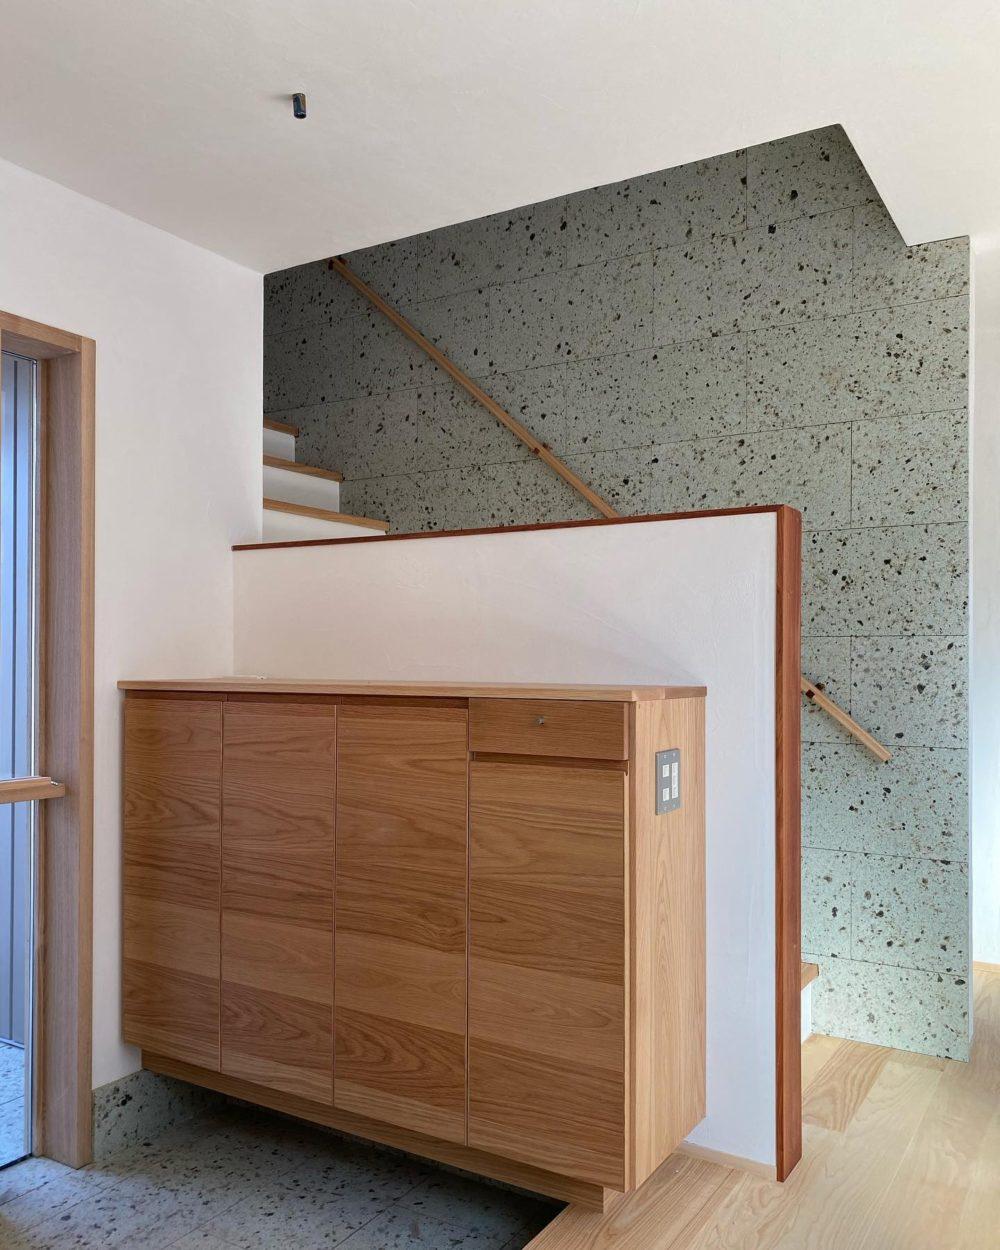 oguma設計室の新築住宅